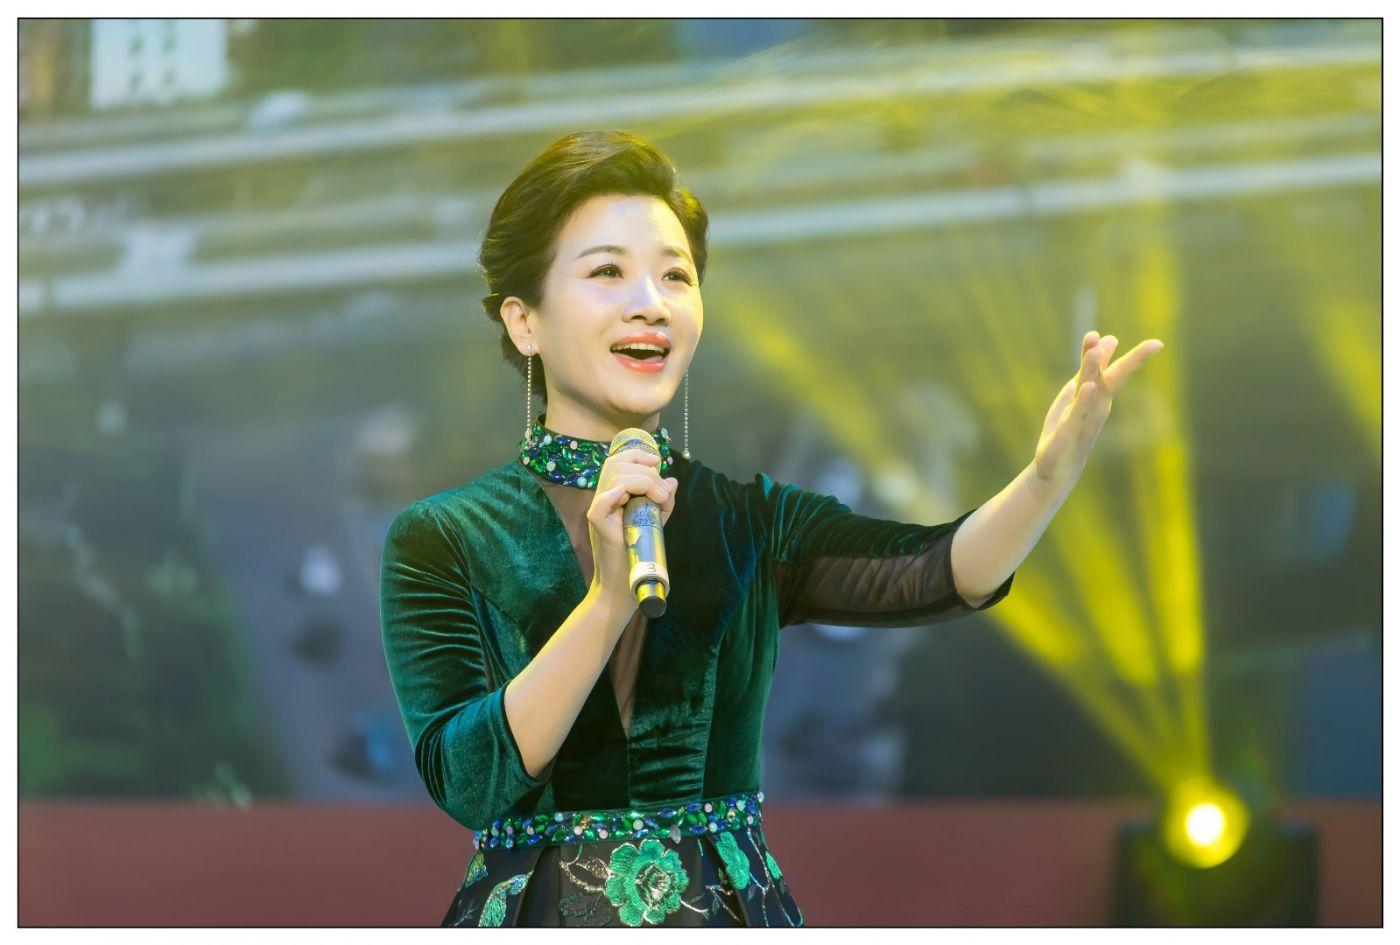 又见星光大道冠军歌手张海军 1月26央视播出 将自己唱哭的歌手 ..._图1-25